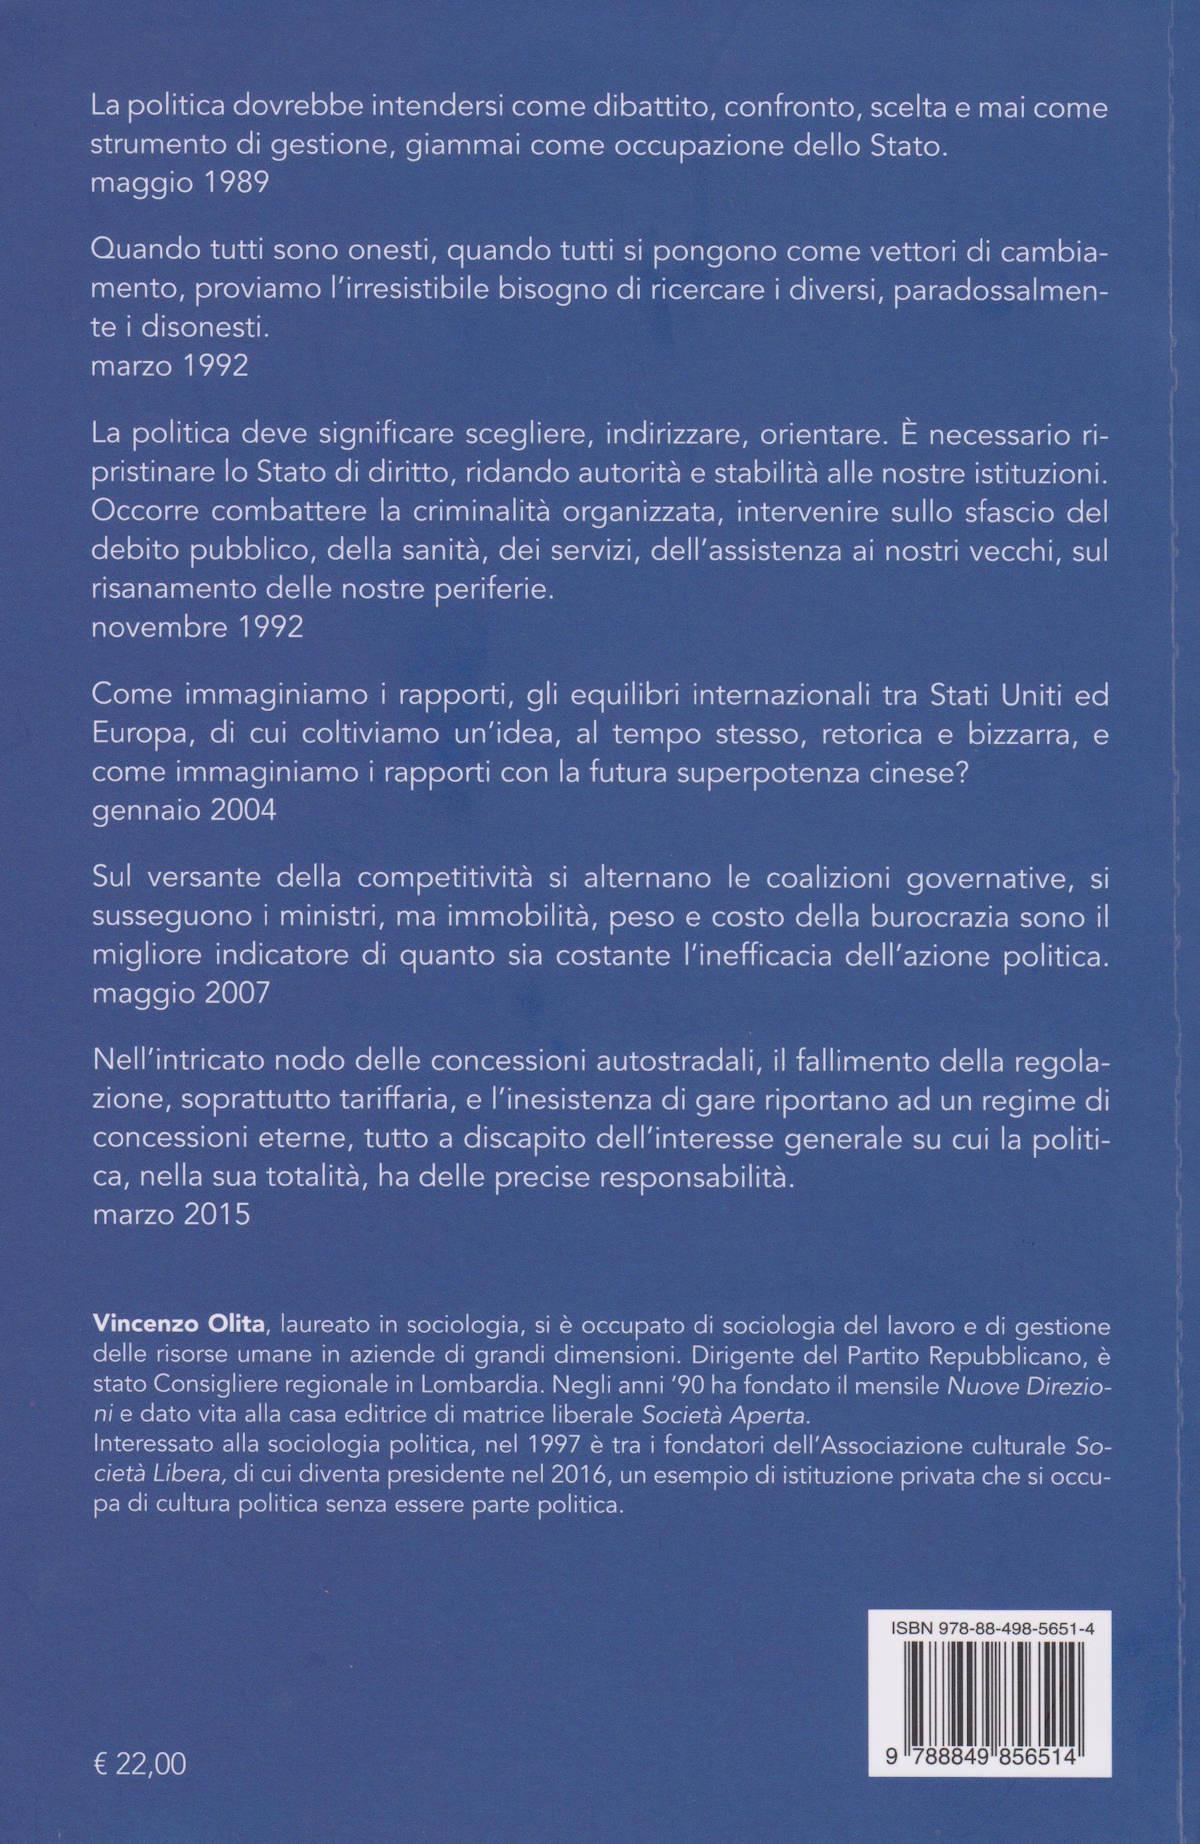 Il retro copertina del libro Illusione della libertà certezza della solitudine, di Vincenzo Olita